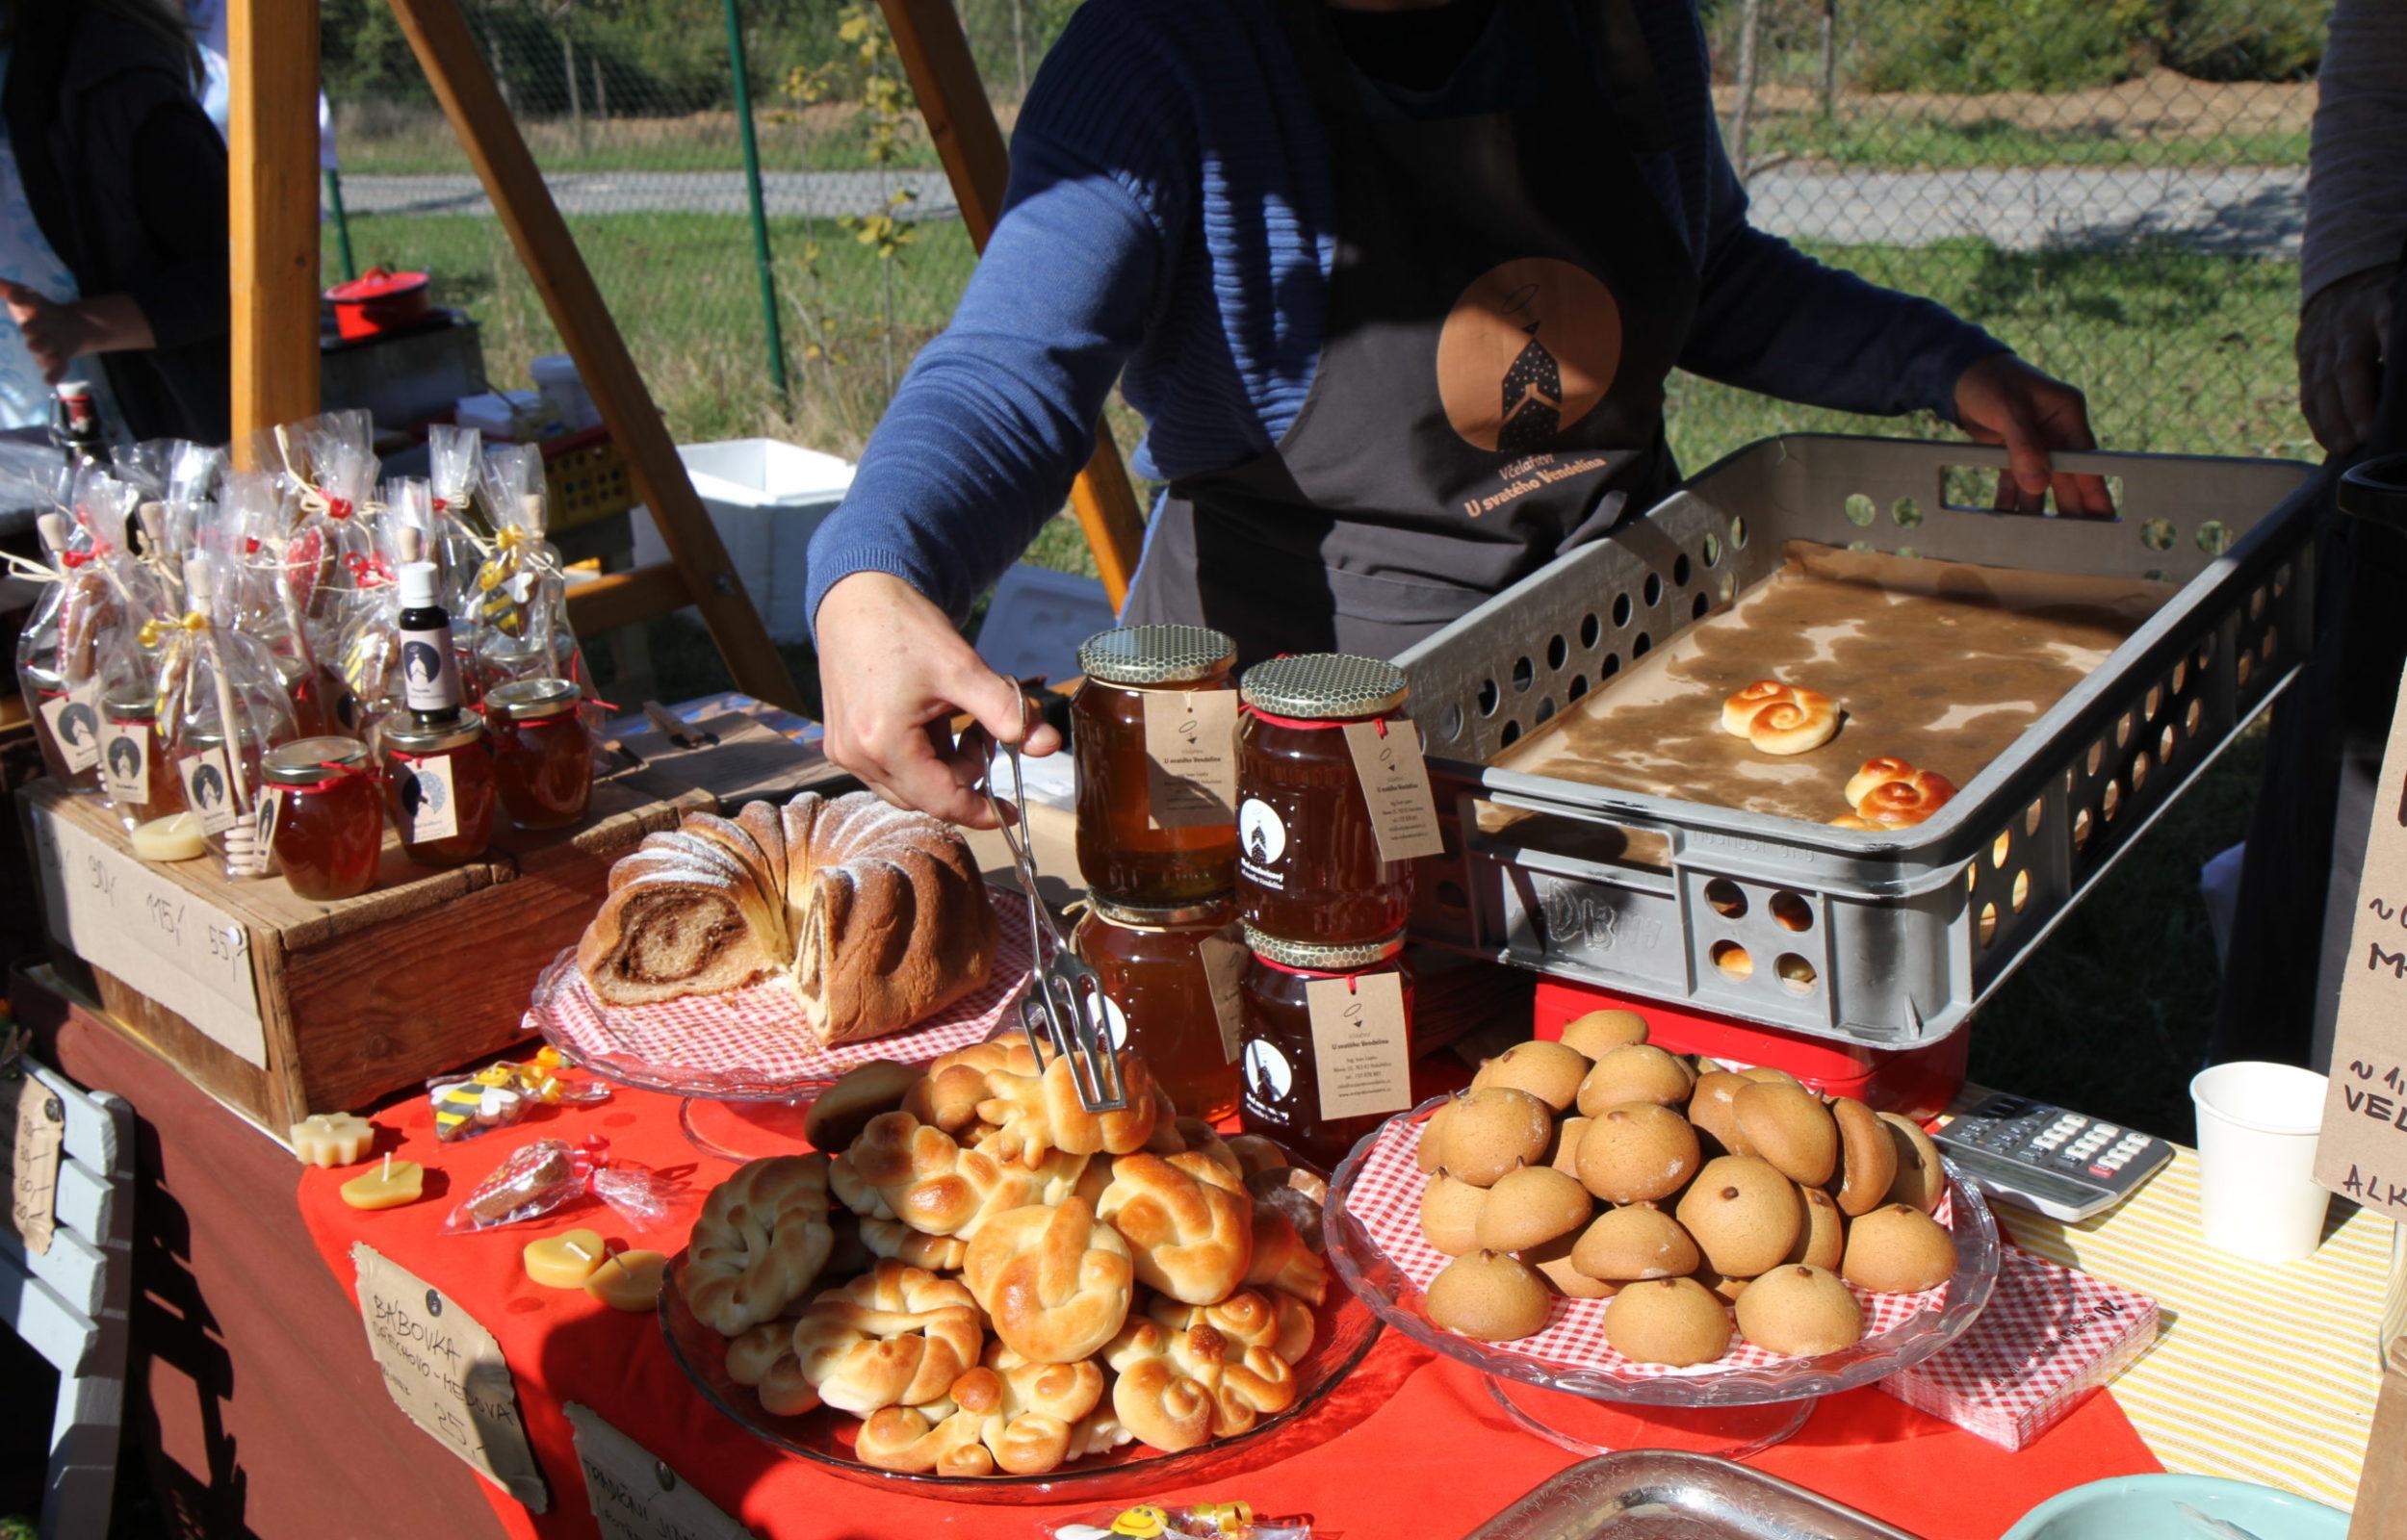 Slovácký gastrofestival letos zachutná po medu a ořeších